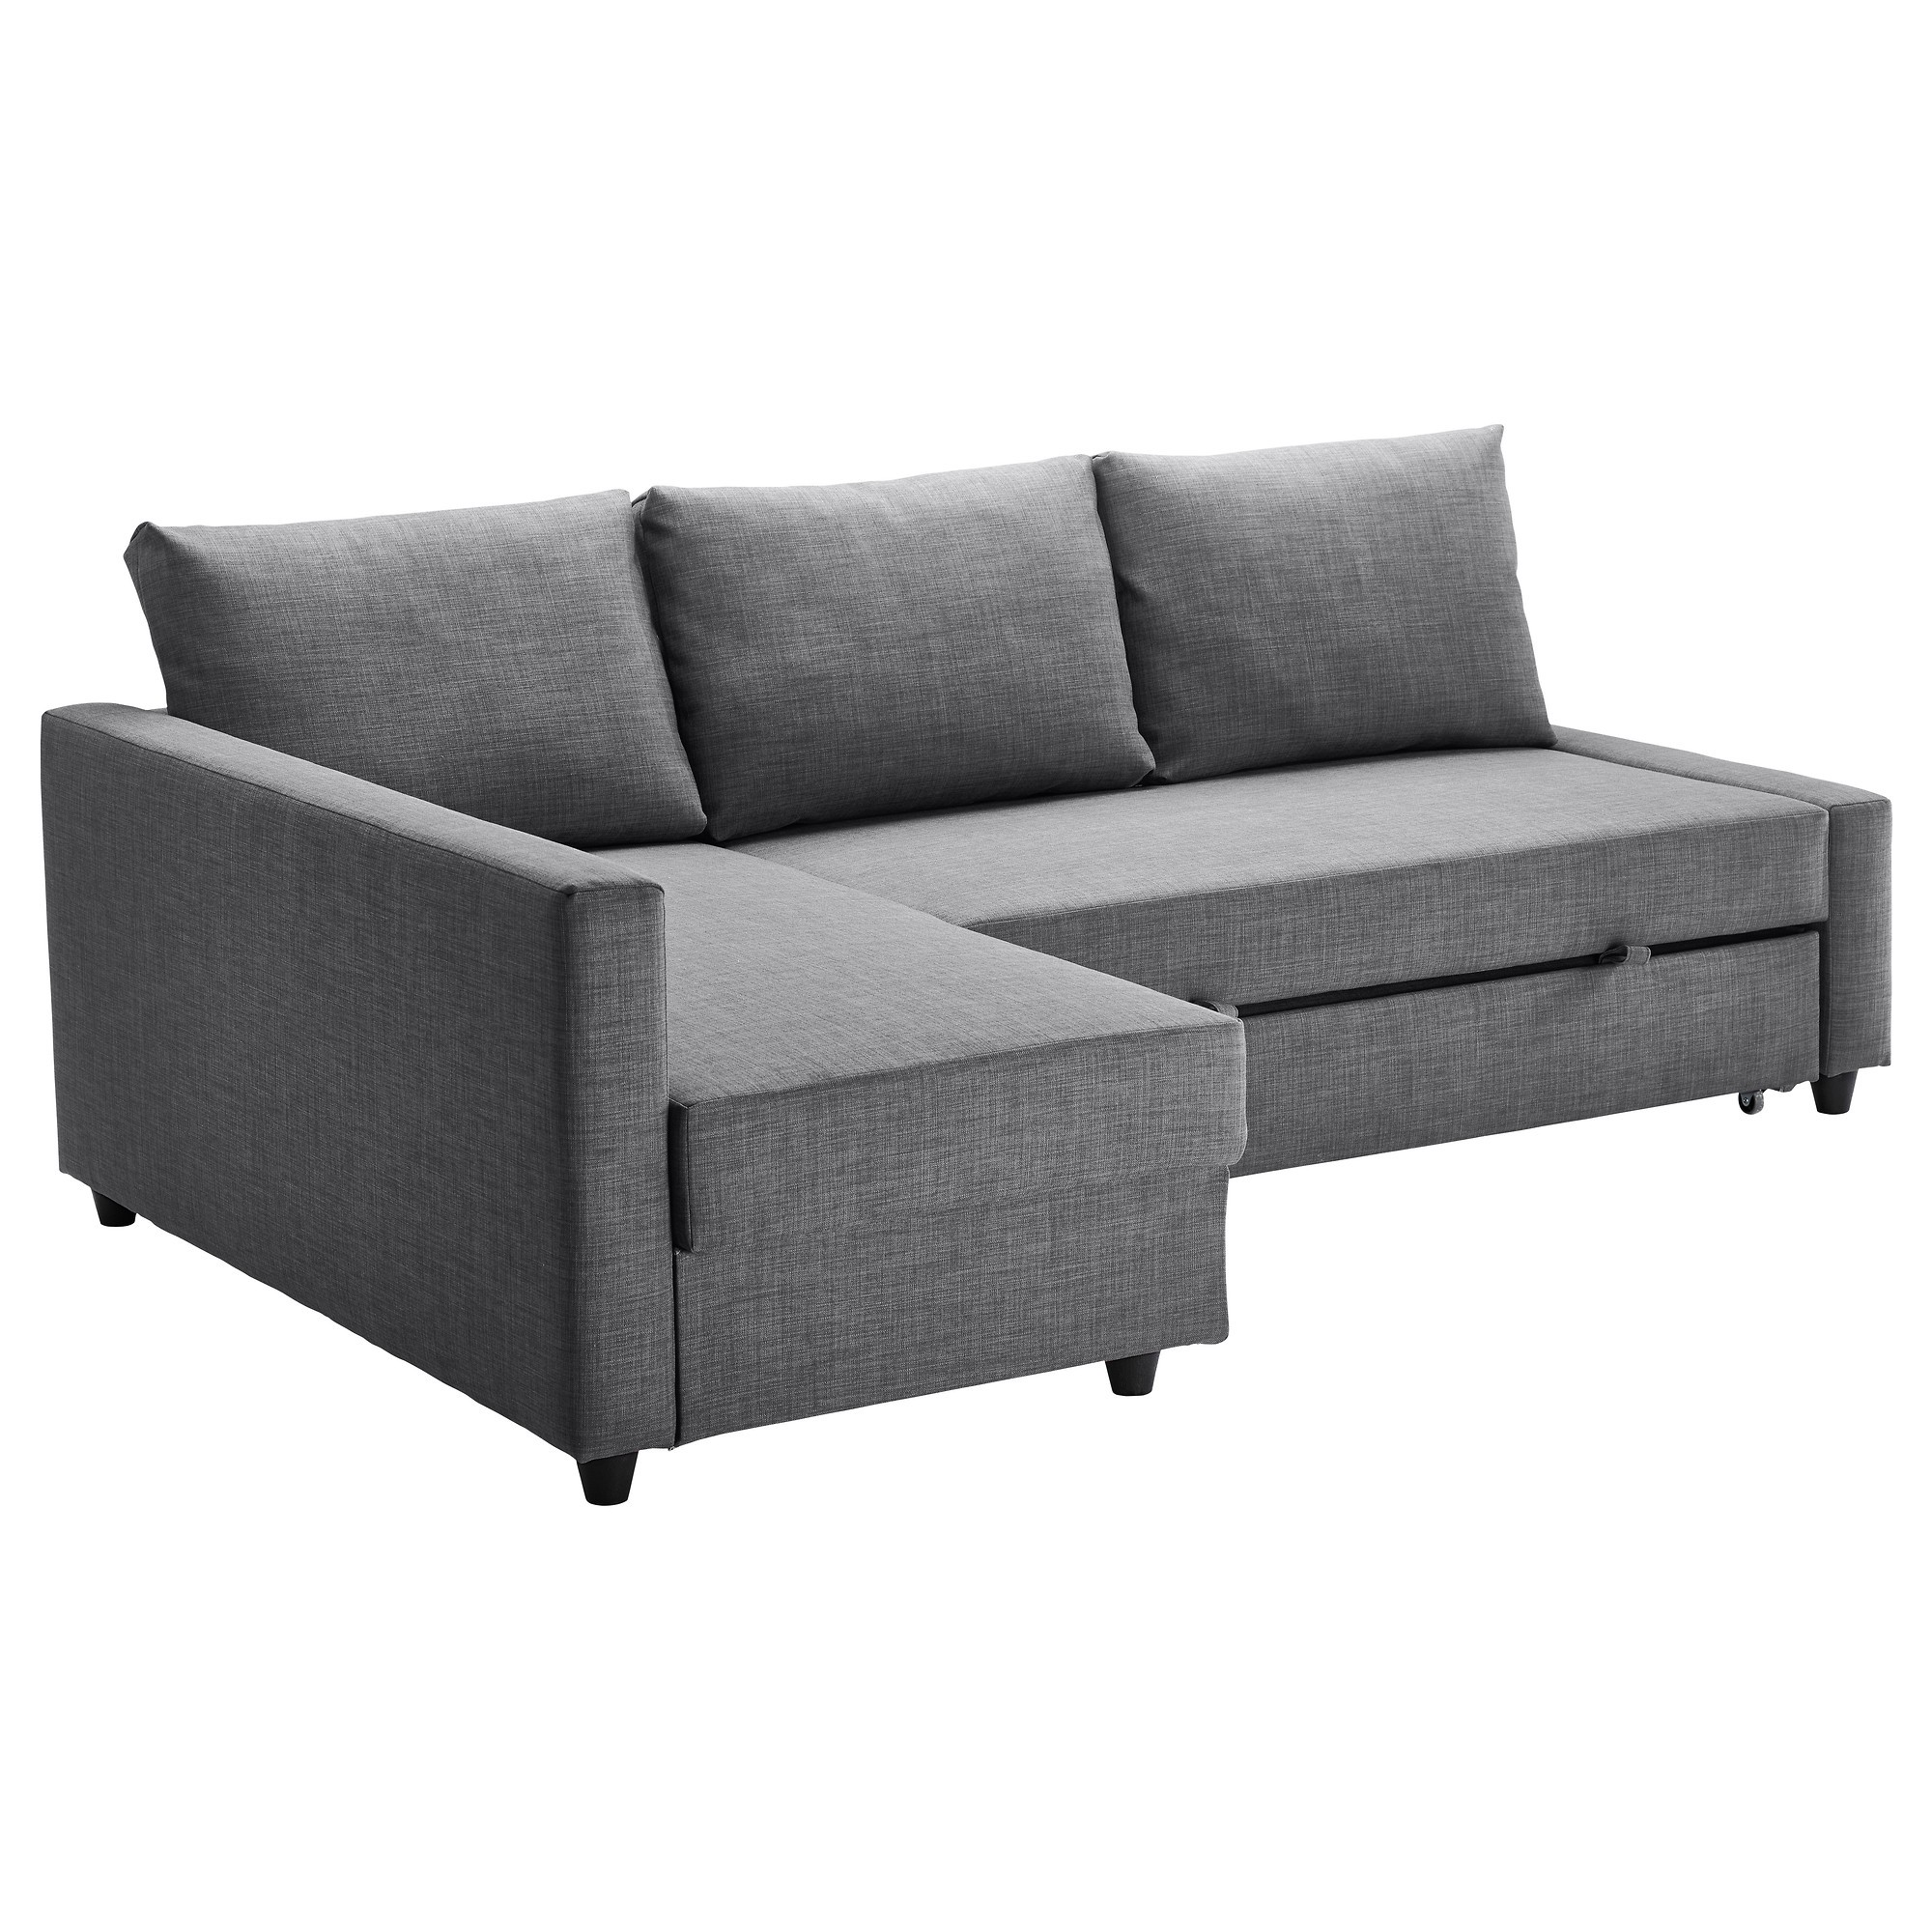 Canape D'angles Ikea